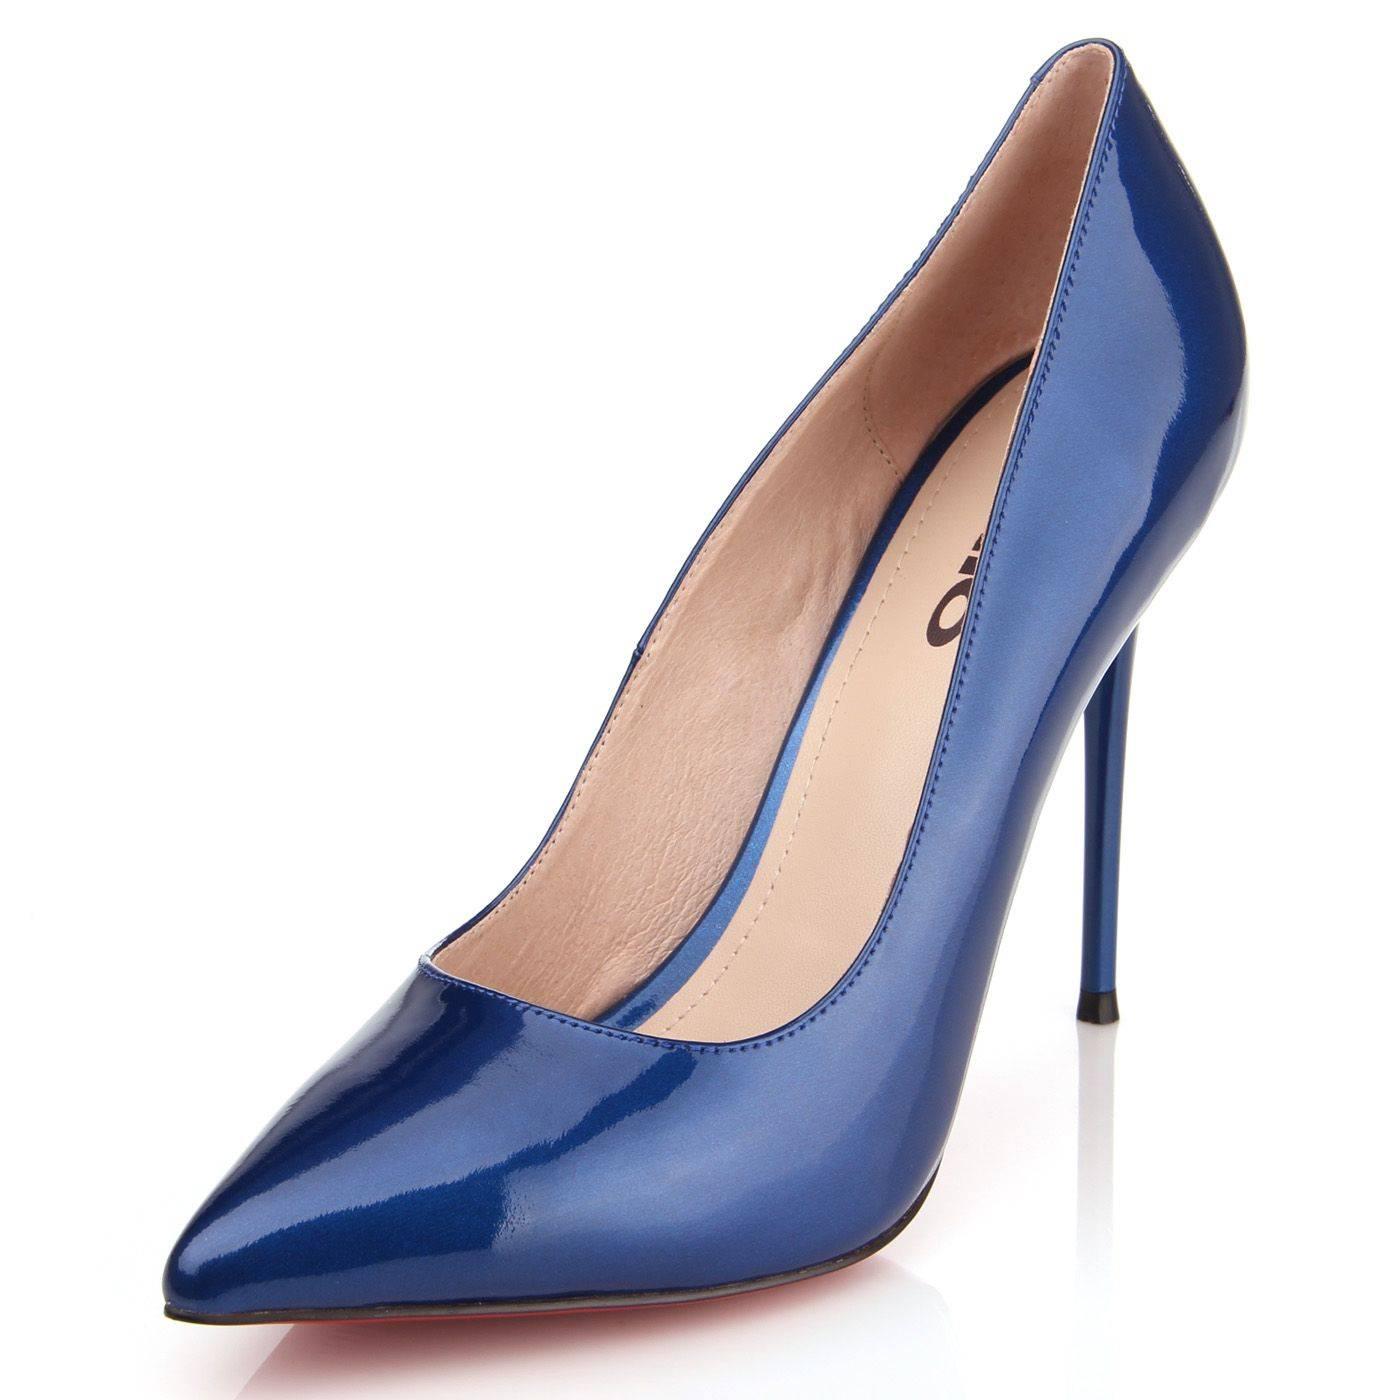 Туфлі жіночі ditto 4314 Синій купить по выгодной цене в интернет ... 7699072011c32